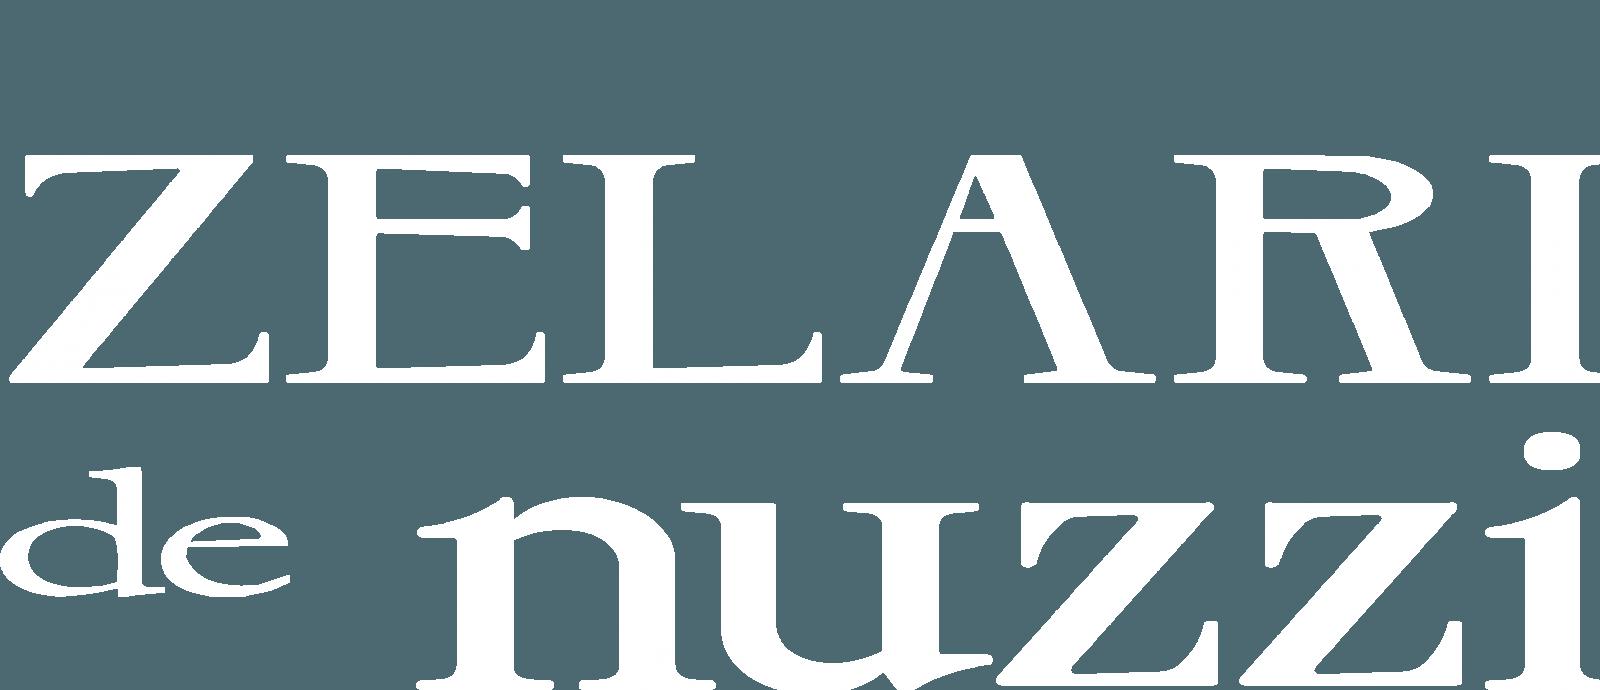 Muebles De Cocinas En Madrid Zelari De Nuzzi  # Muebles Cocina Zelari Nuzzi